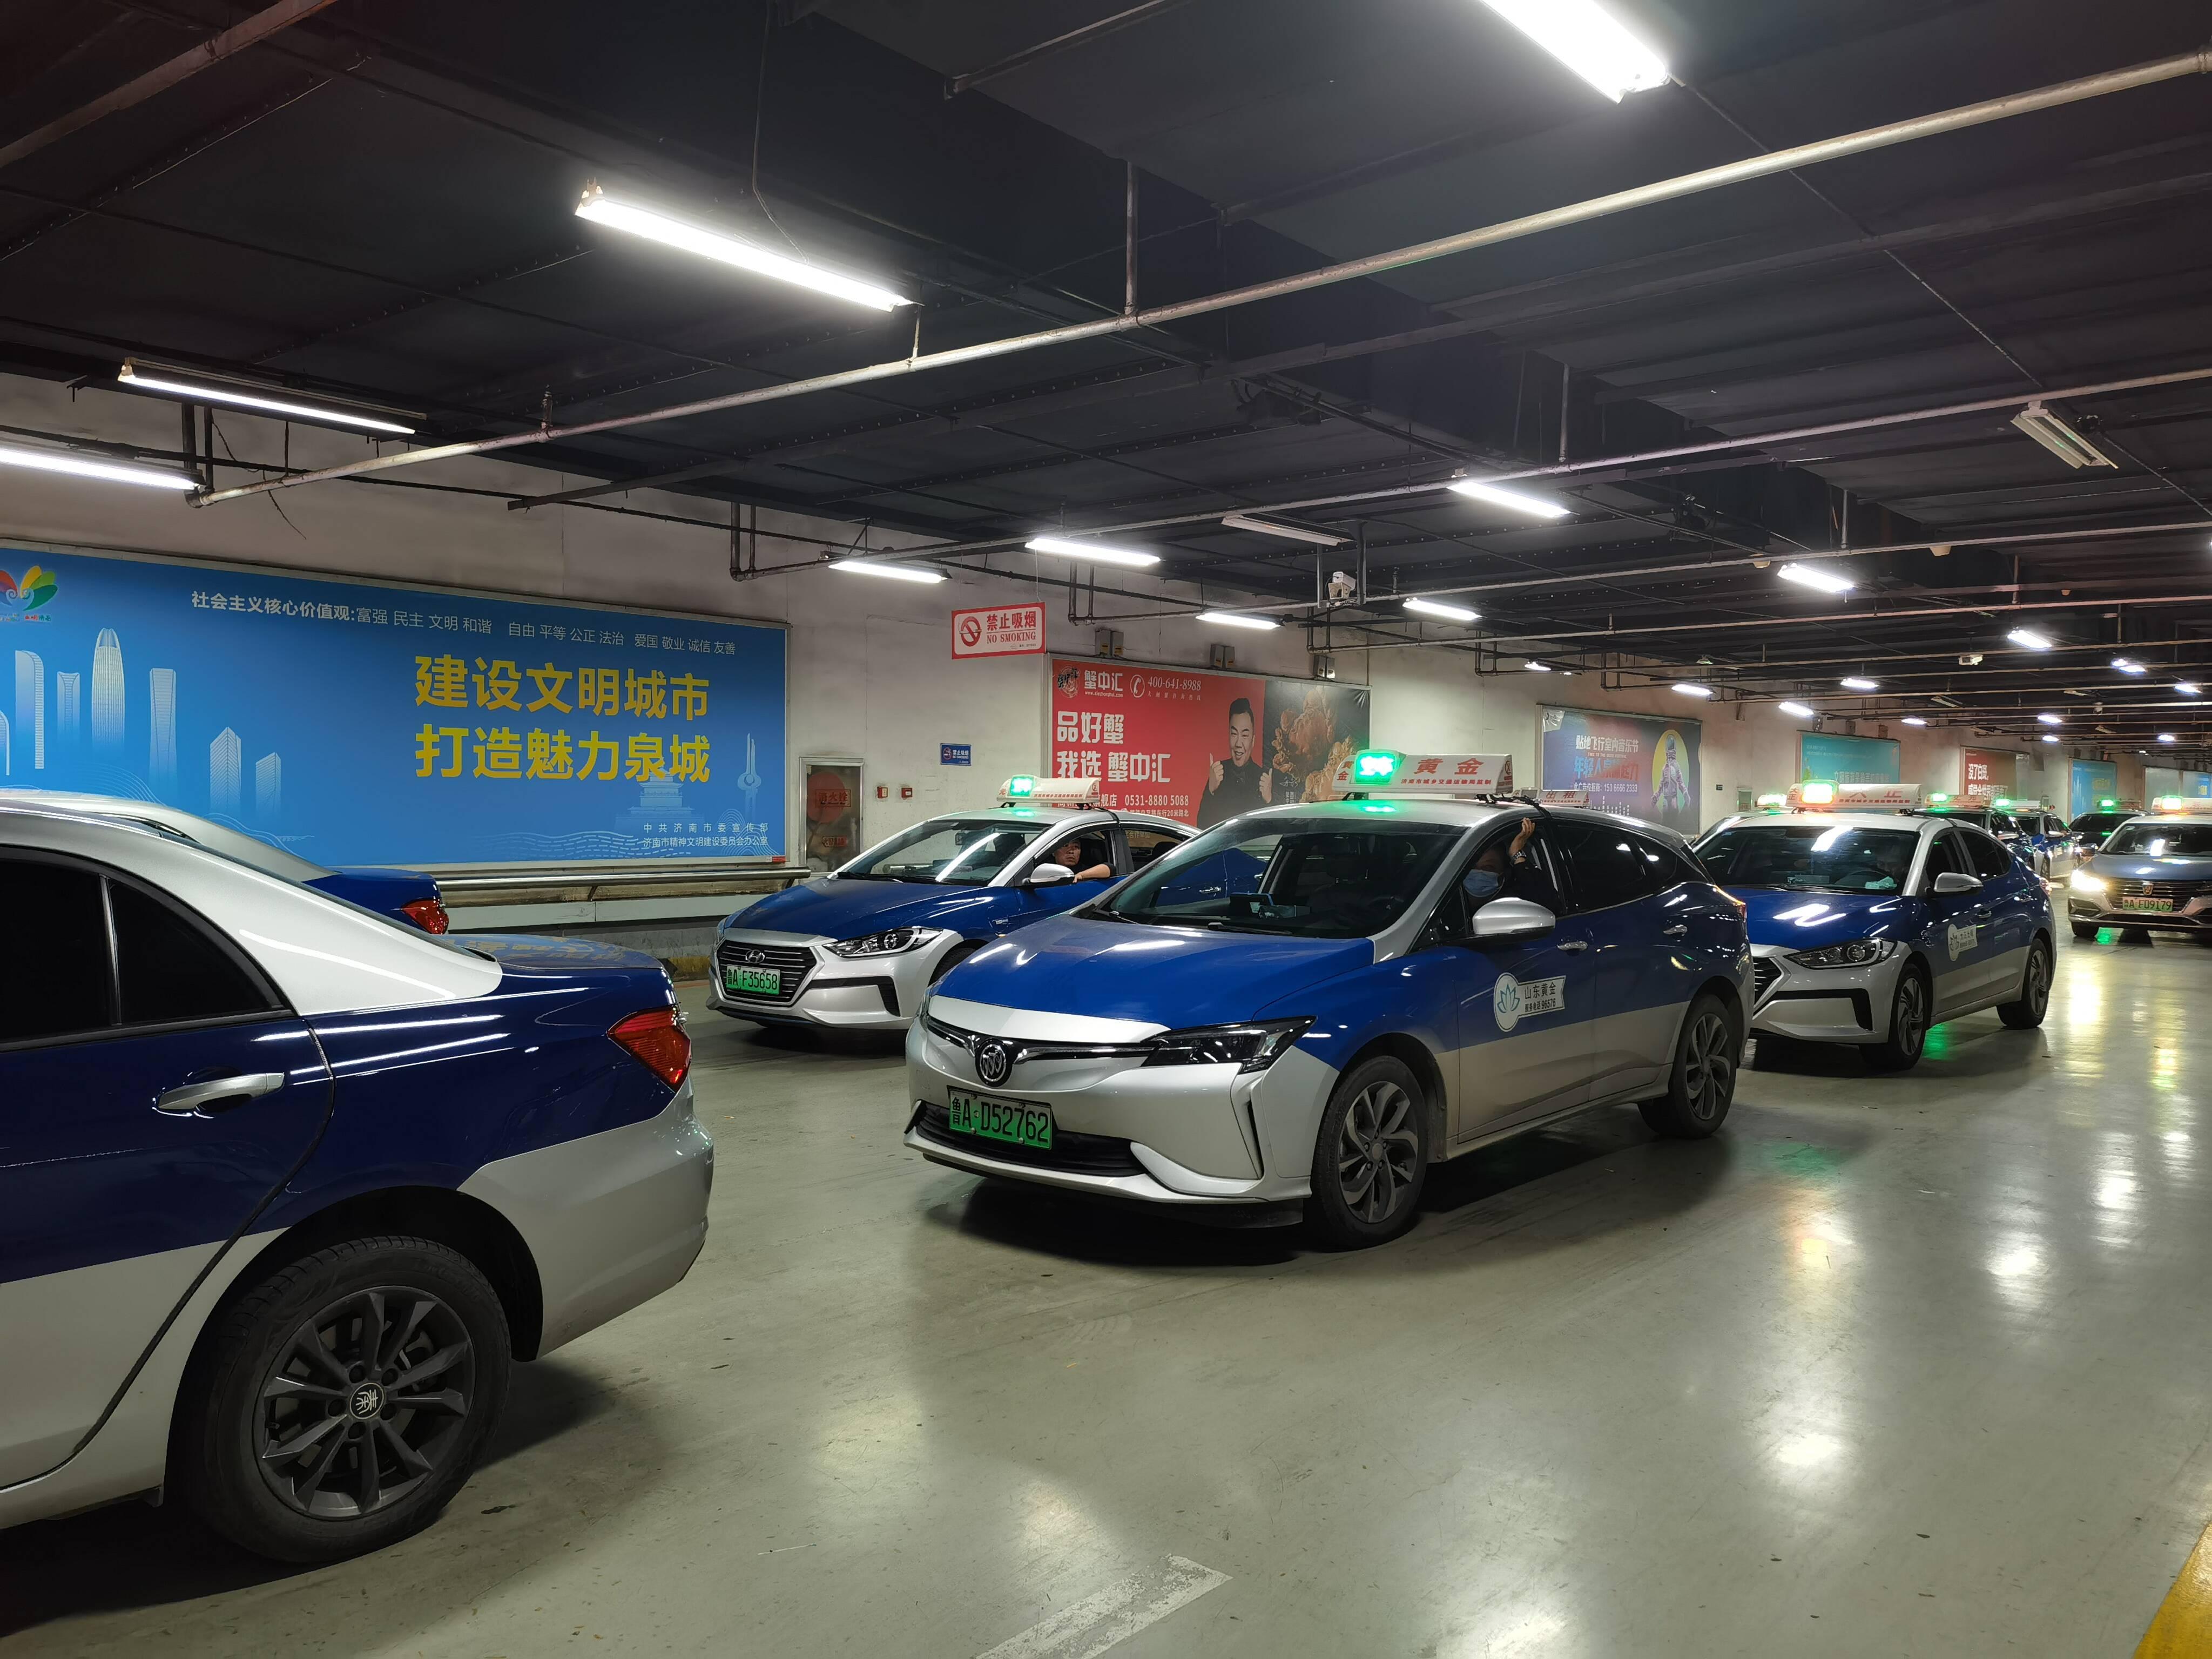 济南新能源出租车收费高引争议 专家建议:政府应给予一定补贴